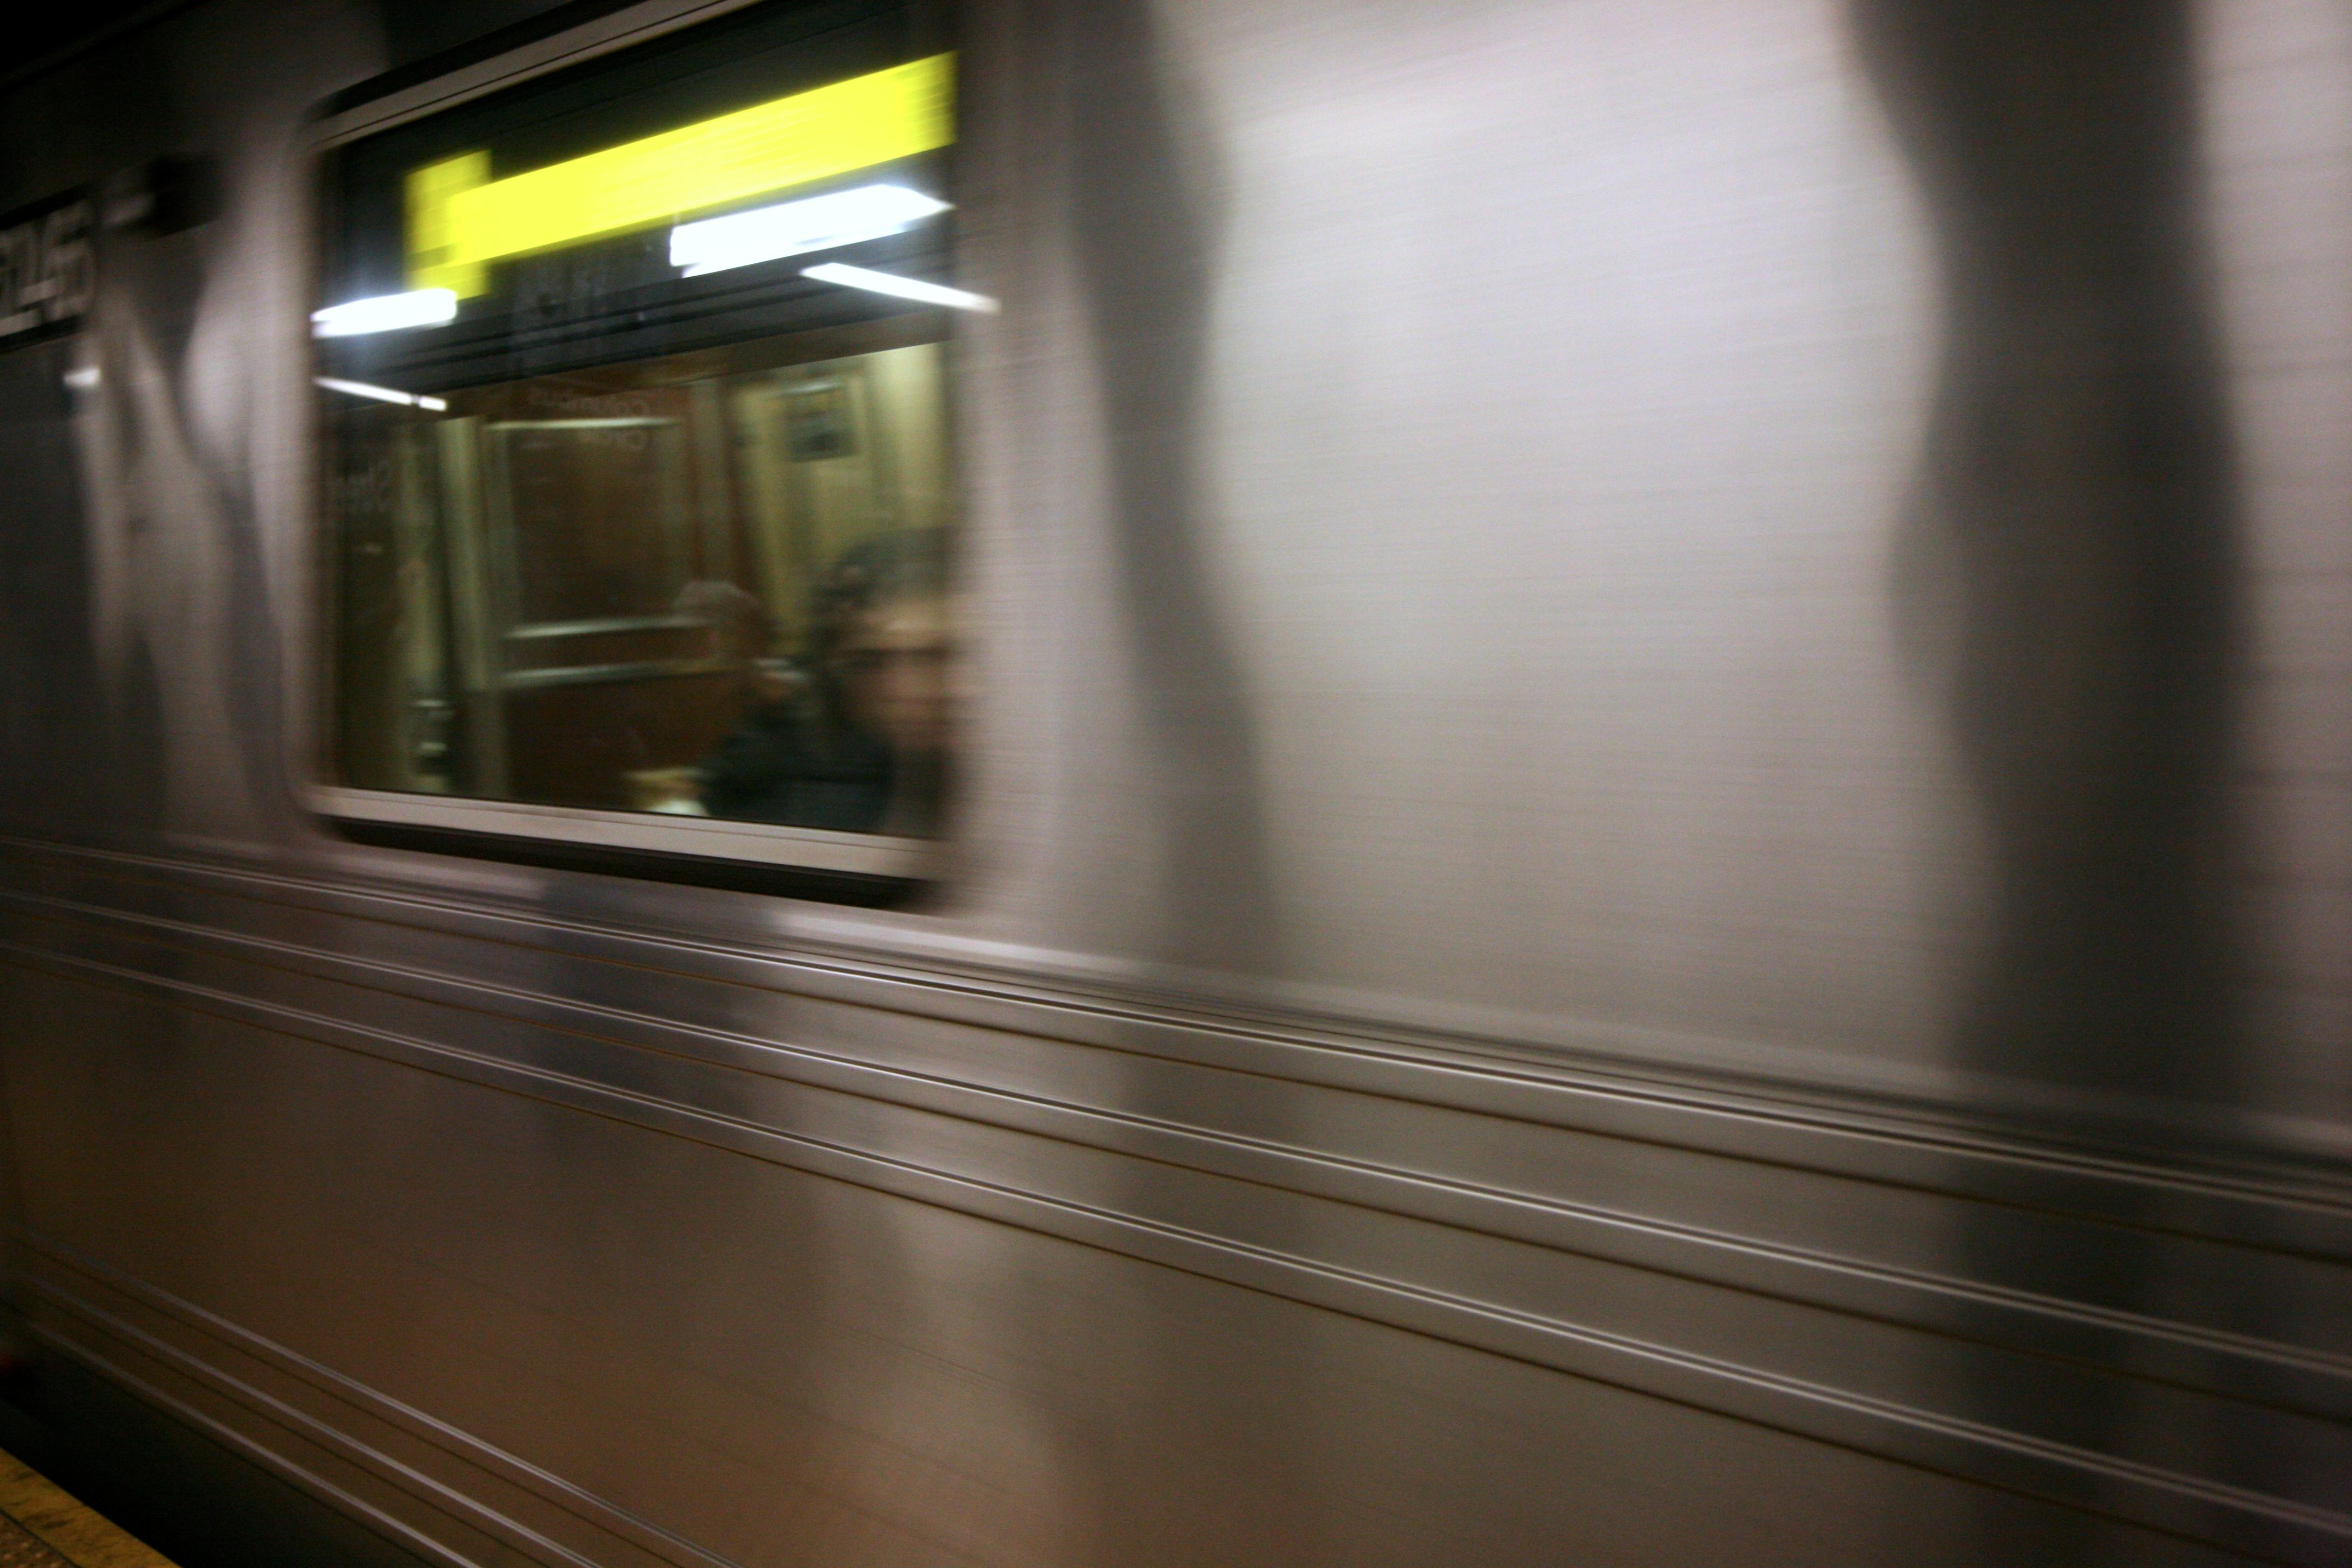 Gratis Afbeeldingen : licht, hout, venster, glas, metro, vervoer ...